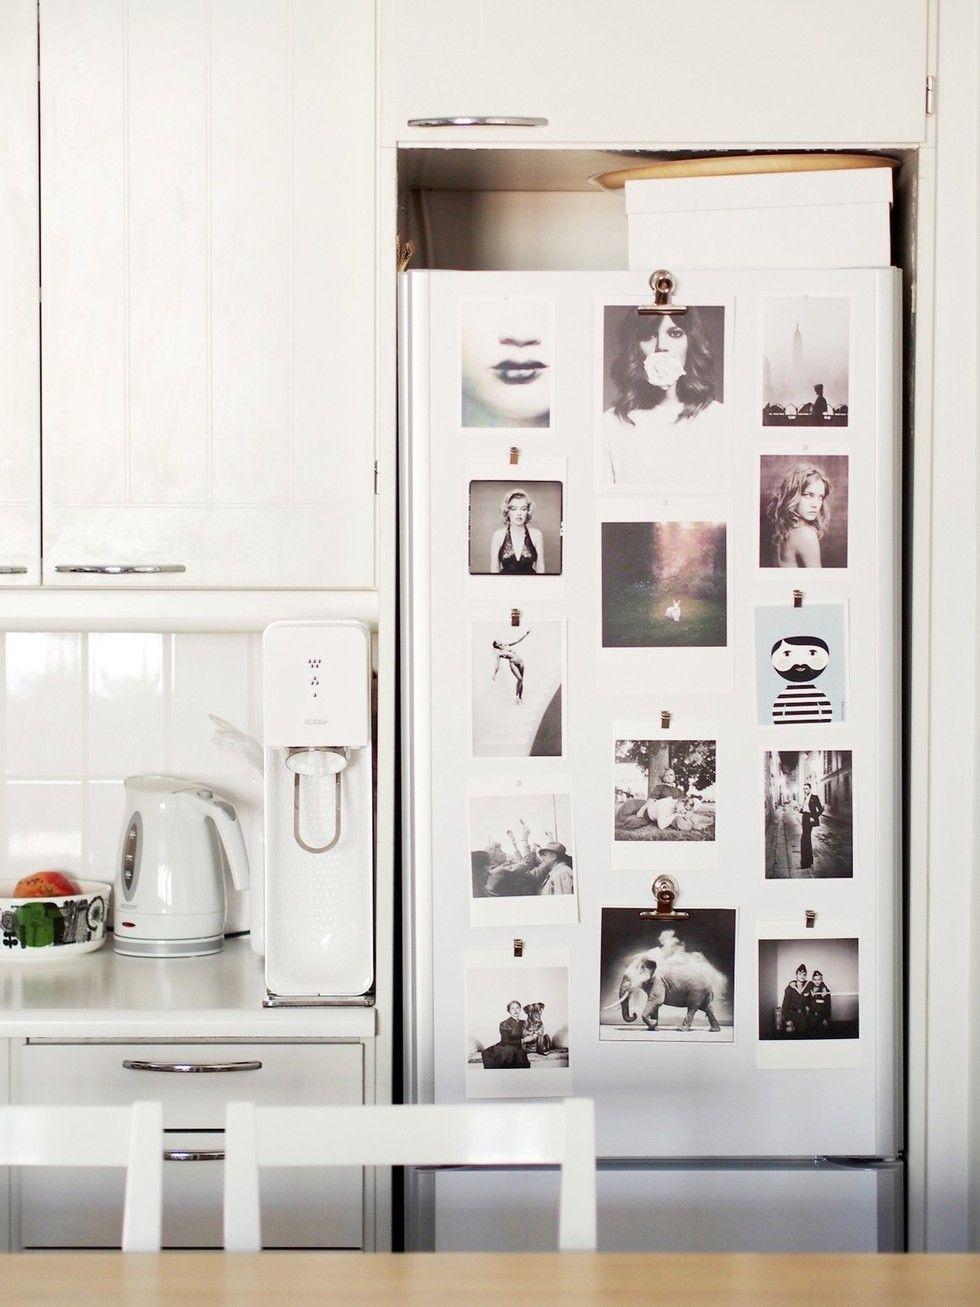 Vaihtuva näyttely jääkaapin ovessa | Inspiraatioseinä, tauluseinä - Pupulandia | Lily.fi